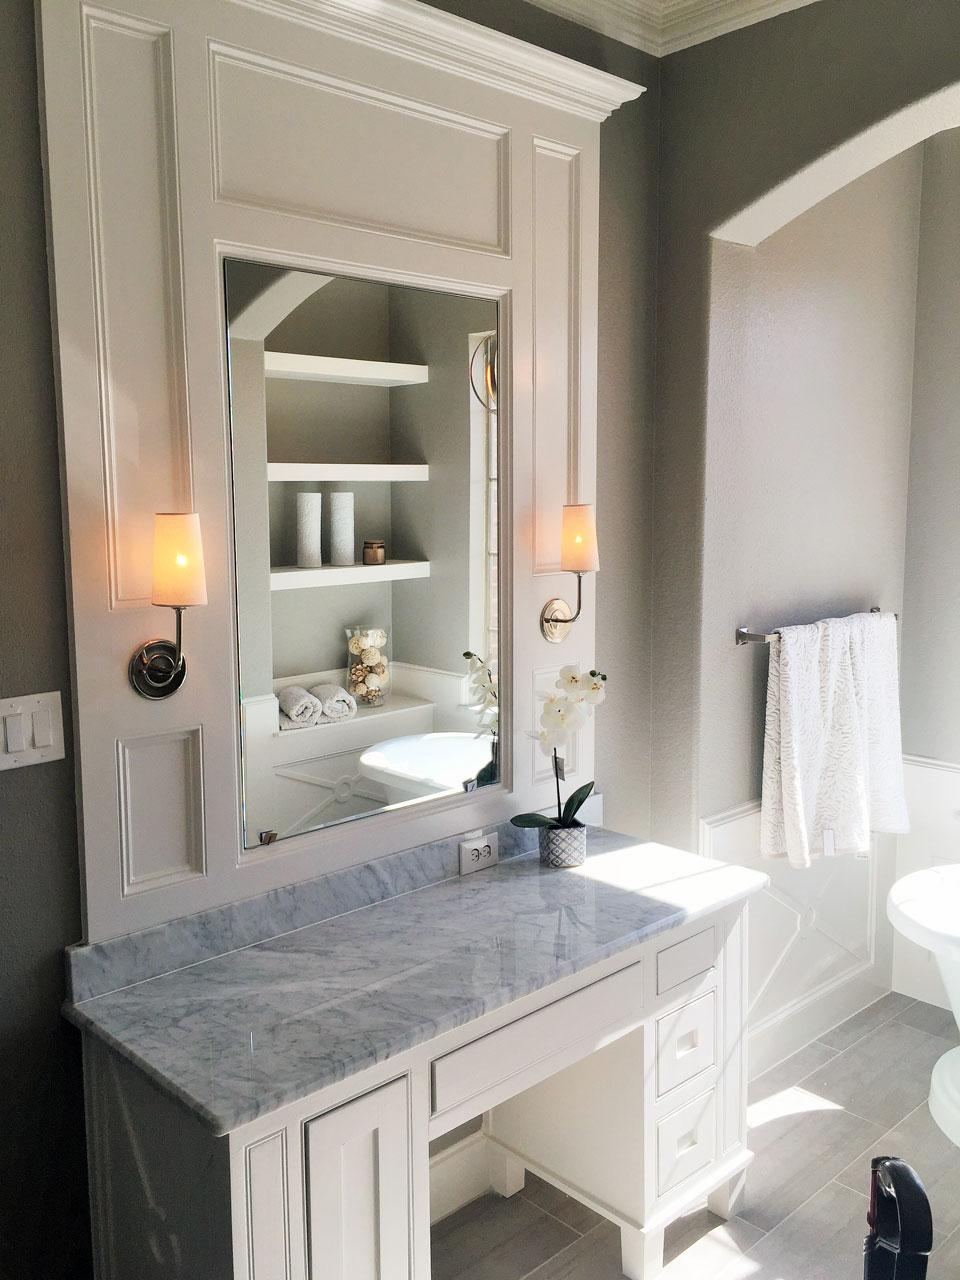 Bathroom Remodel Ideas Showers 31 Best Bathroom